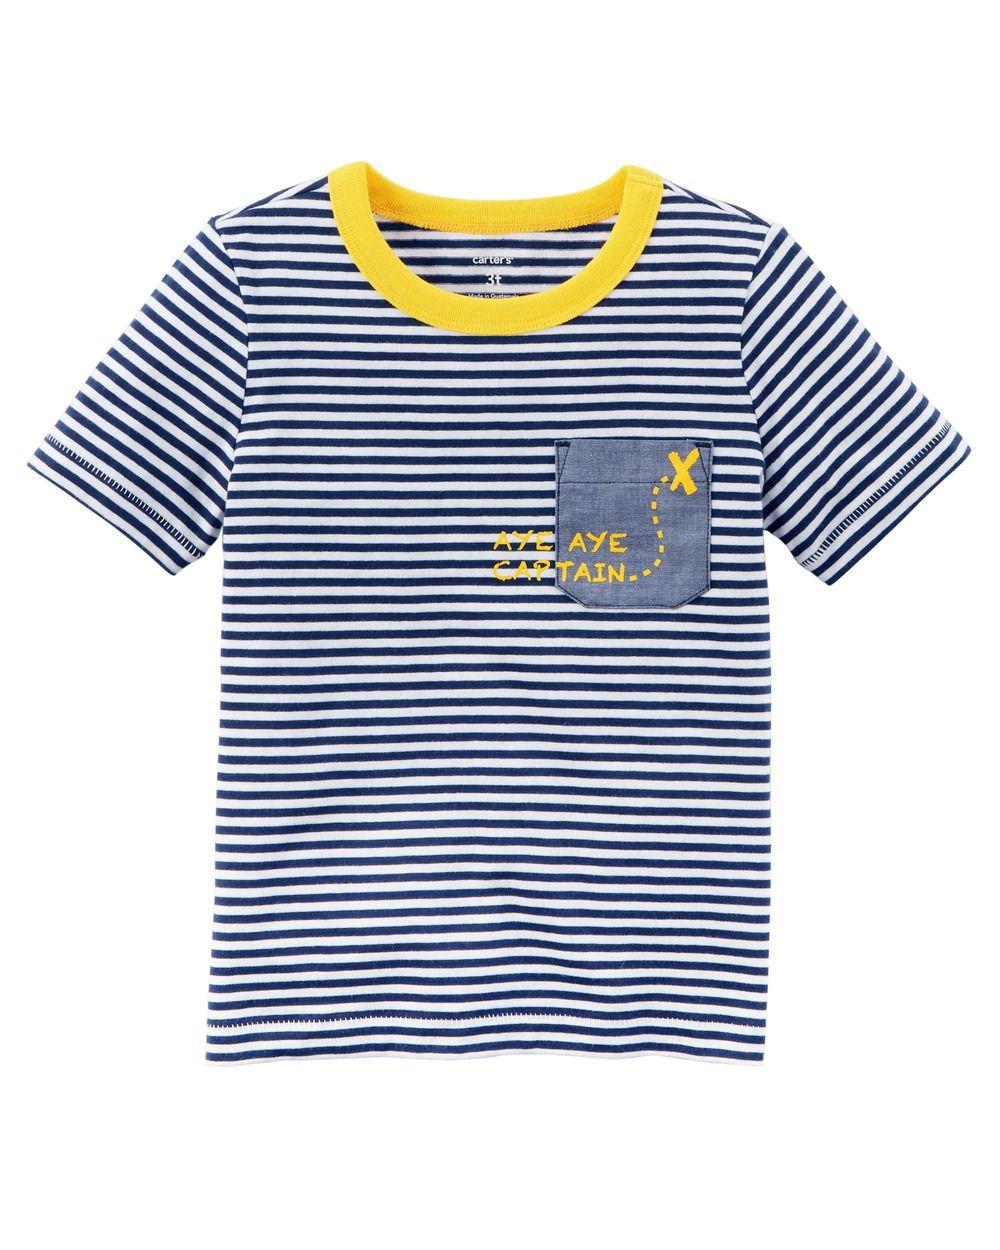 Camiseta Manga Curta Listrada Aye Aye - Carter's